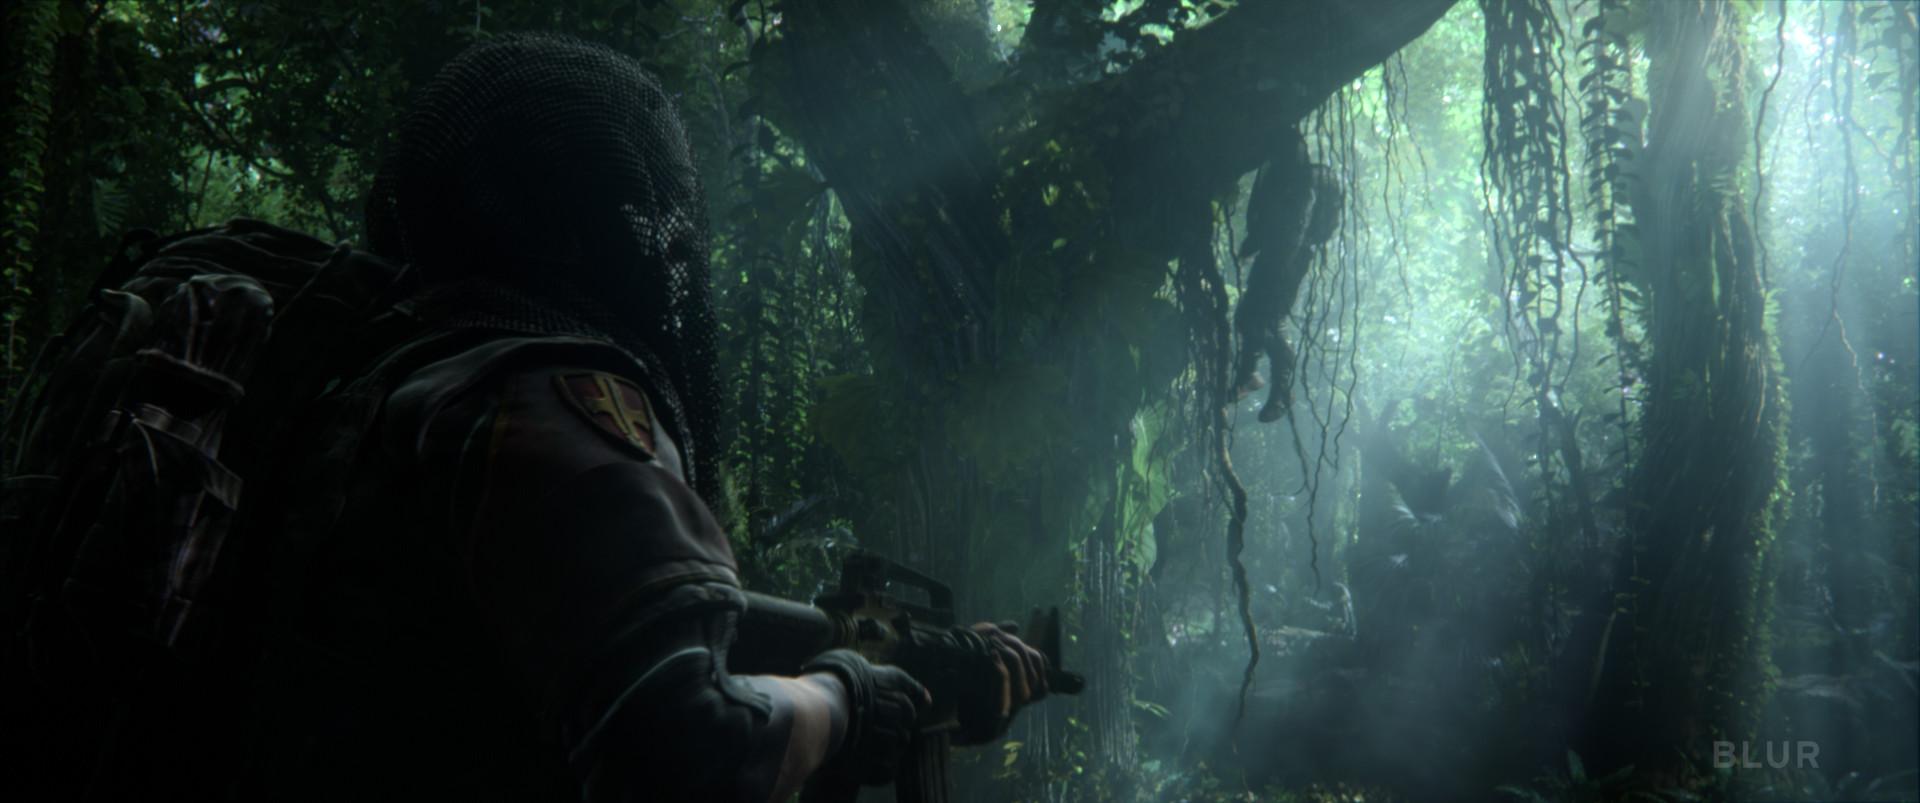 Keith beltramini jungle 003